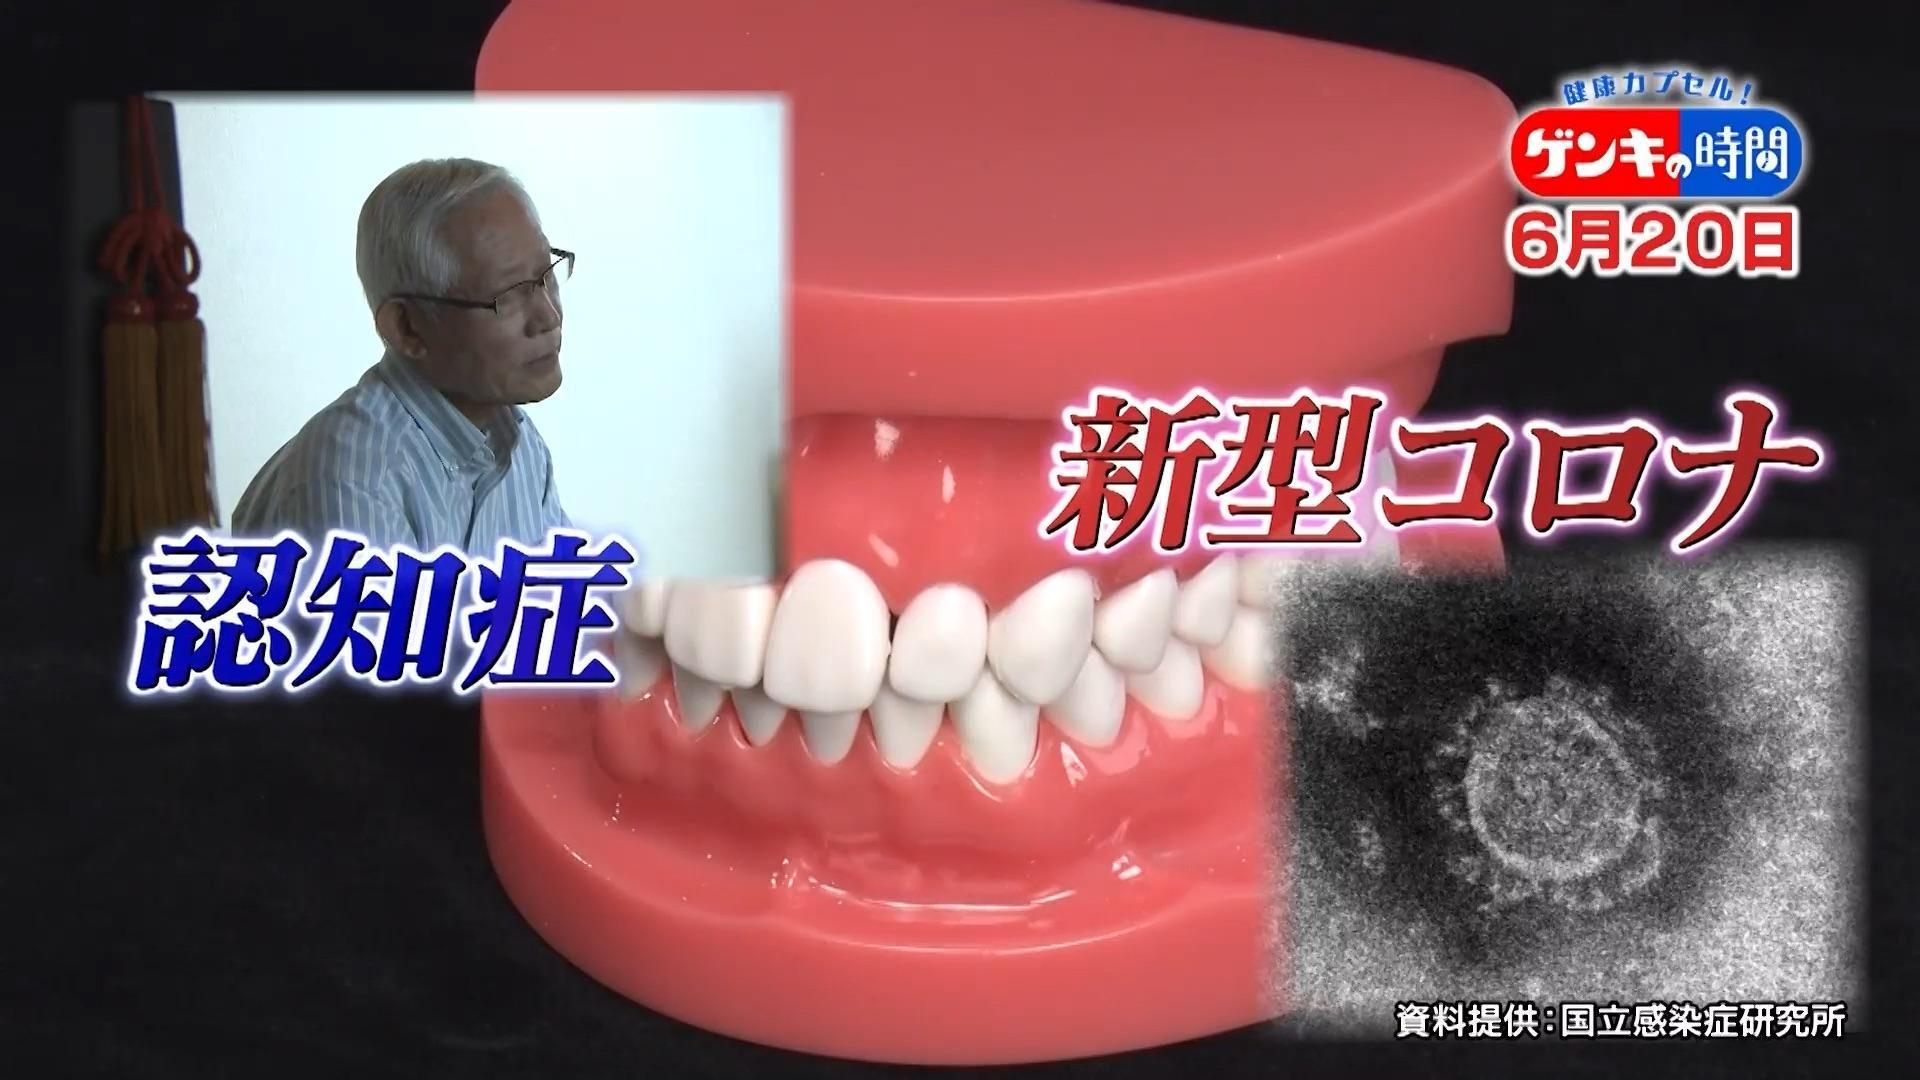 ~新型コロナから認知症まで!~恐怖!歯周病と身体の病の関係